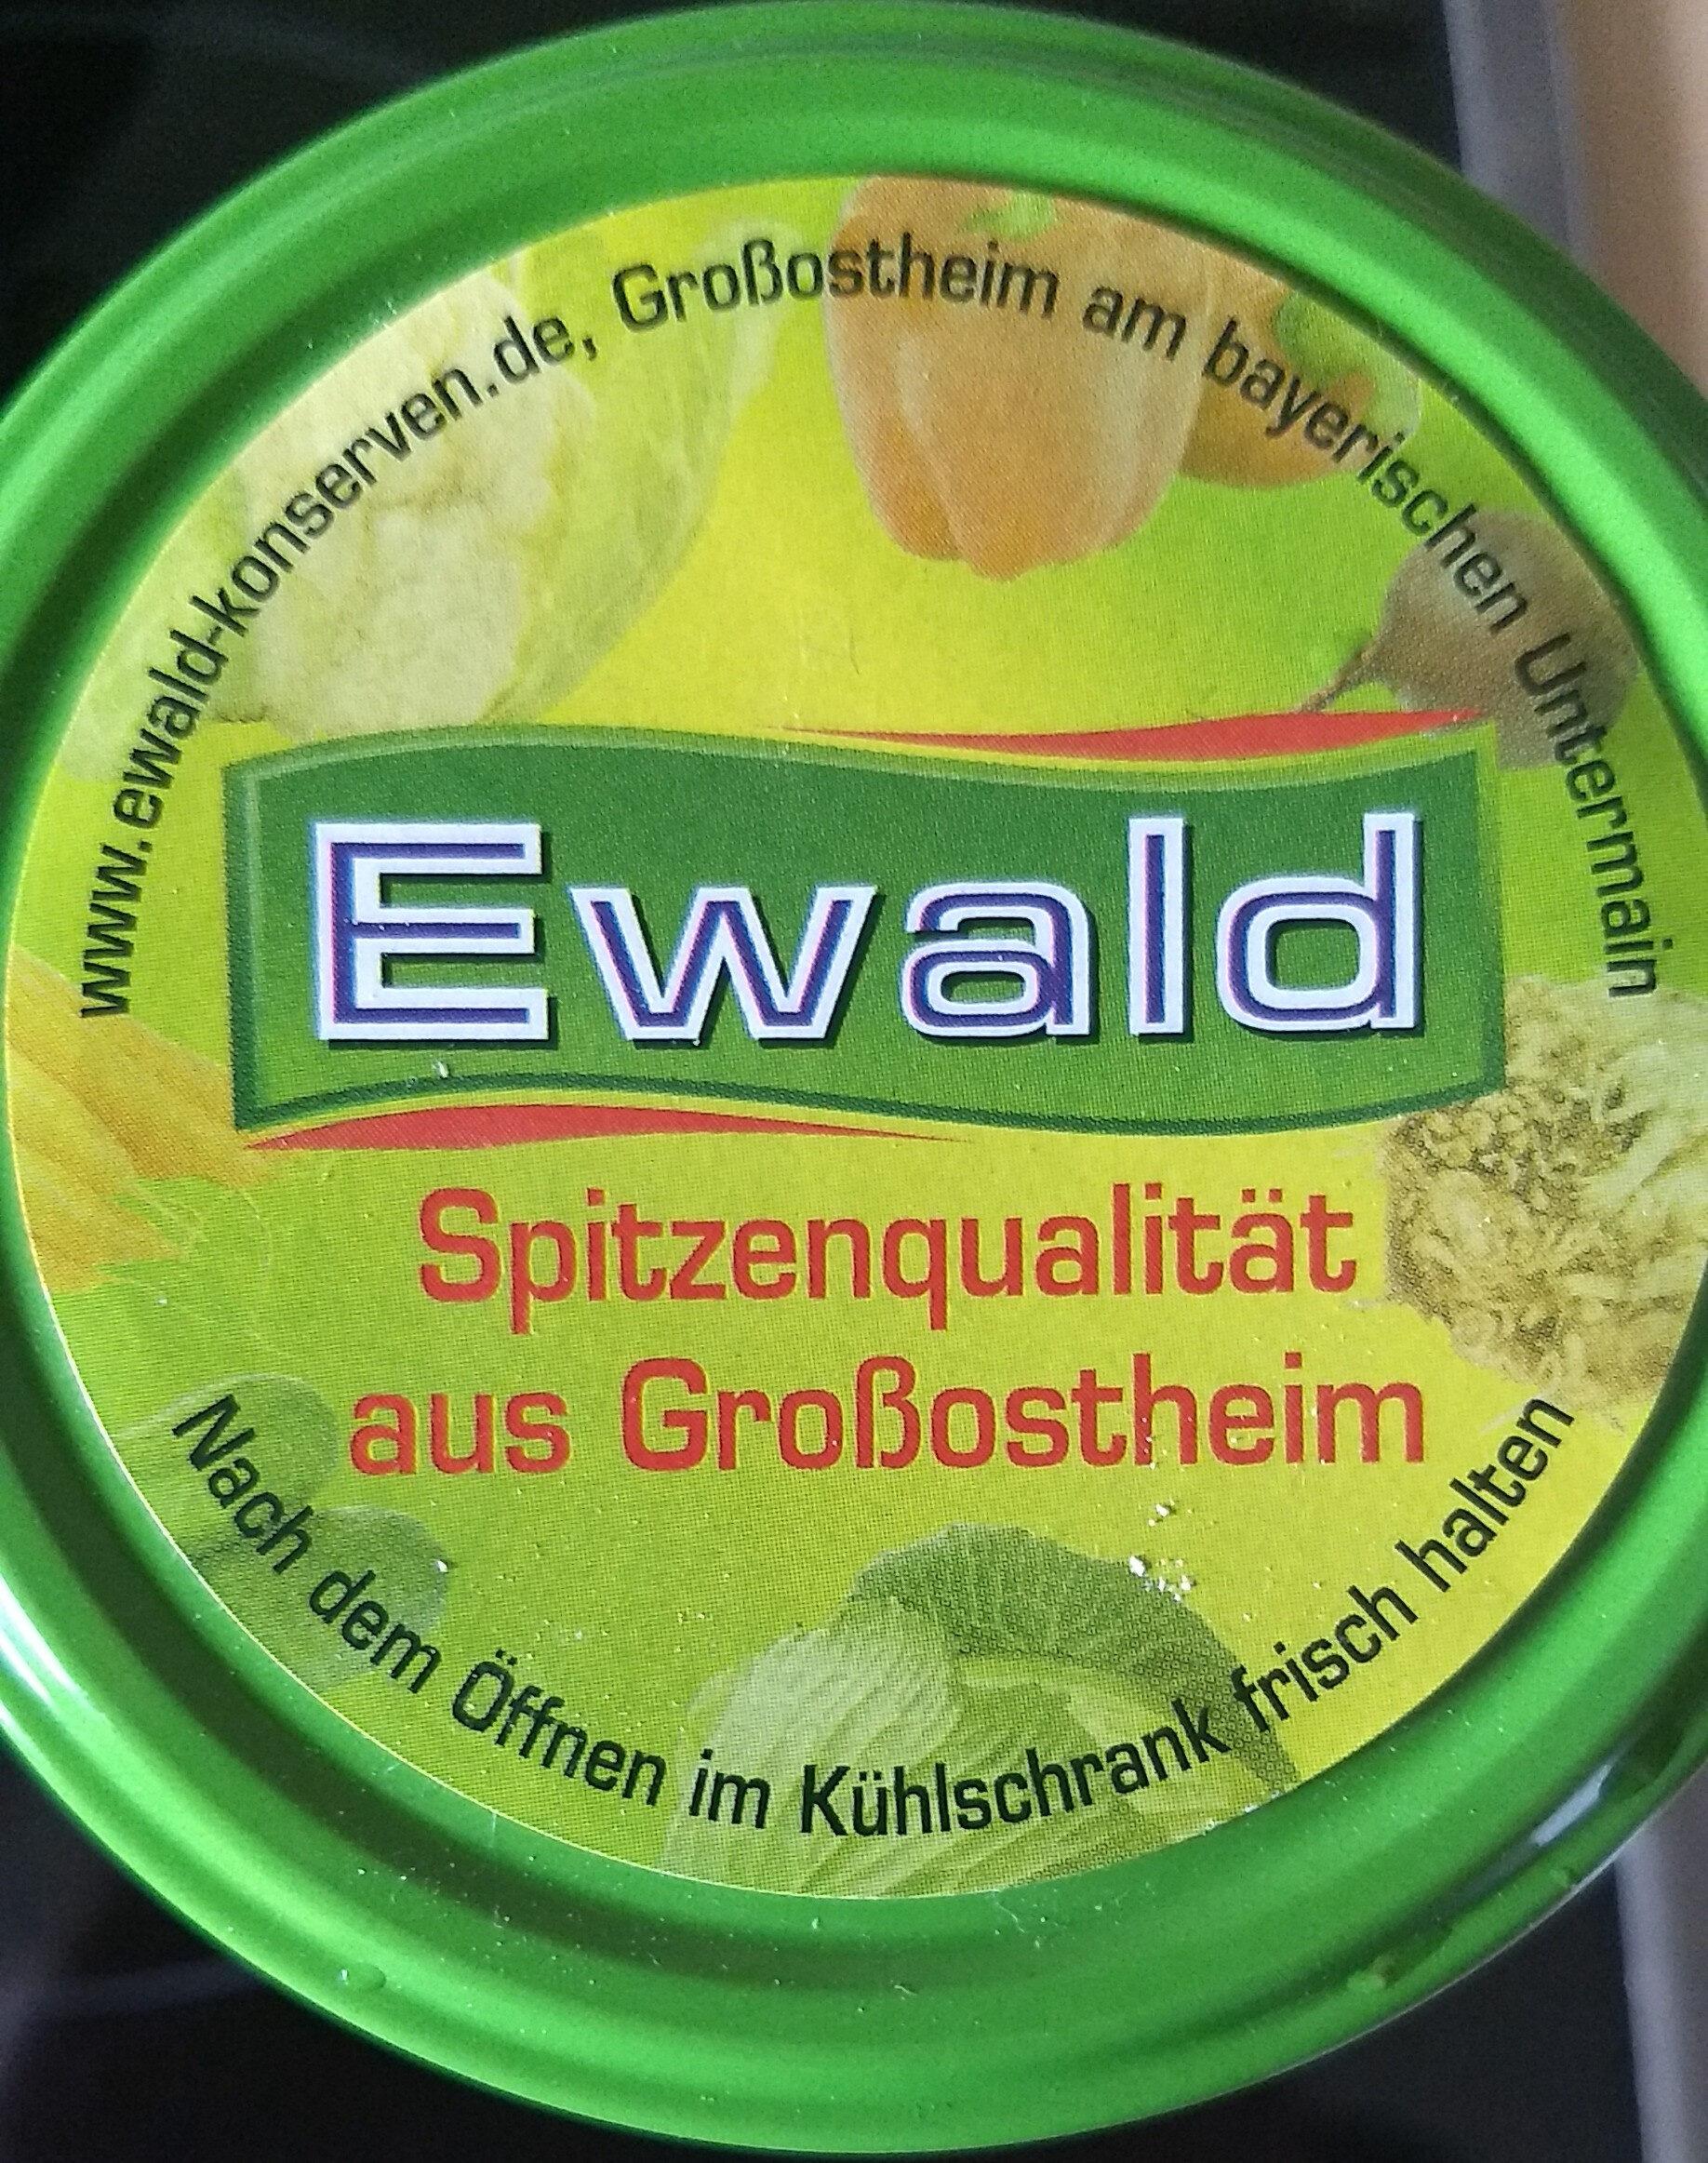 Ewald-Konserven GmbH